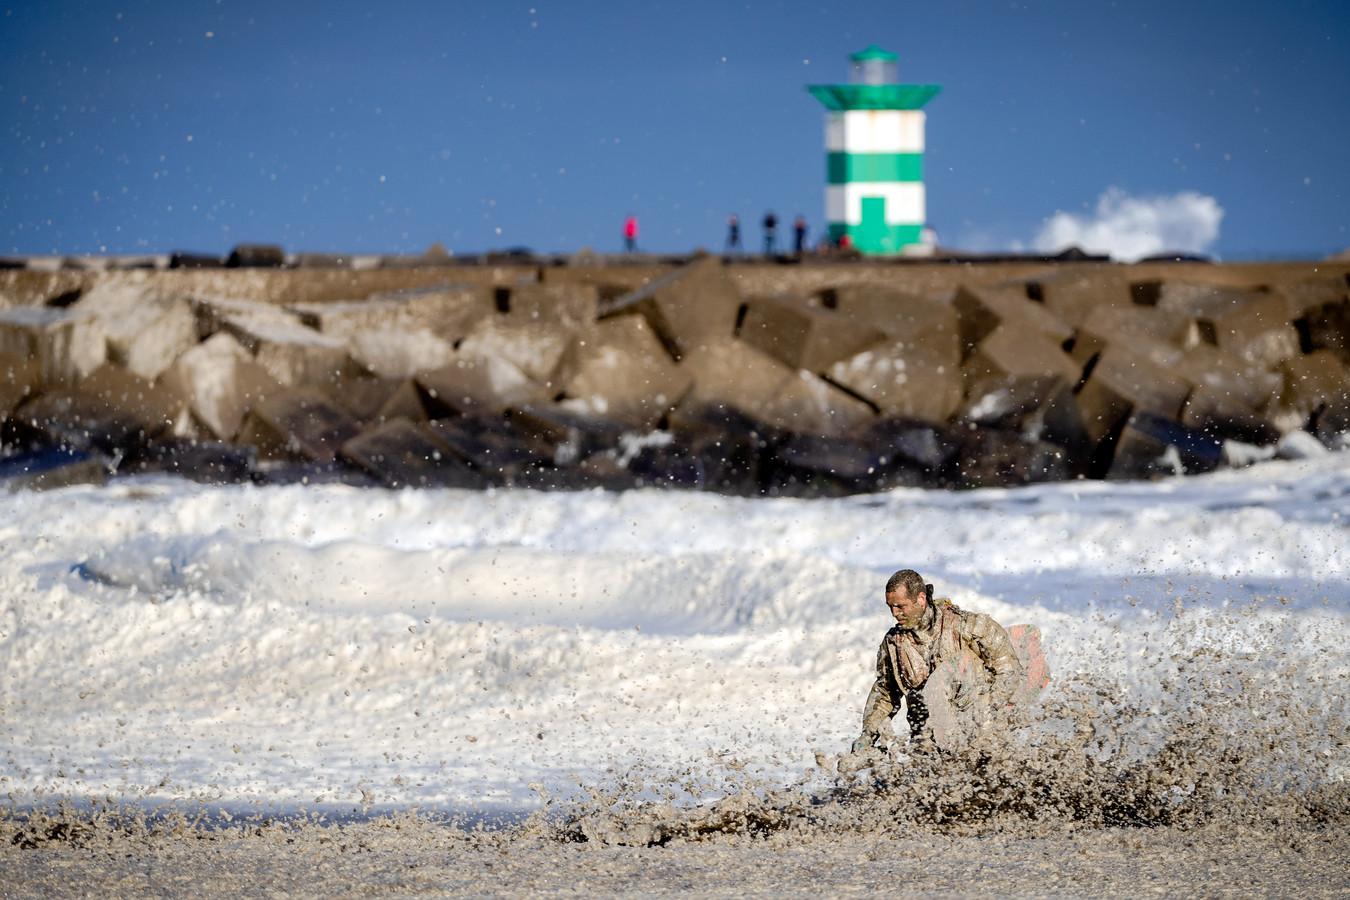 Een medewerker van de KNRM trotseert het opvliegend schuim tijdens de zoektocht naar de vermiste watersporters.